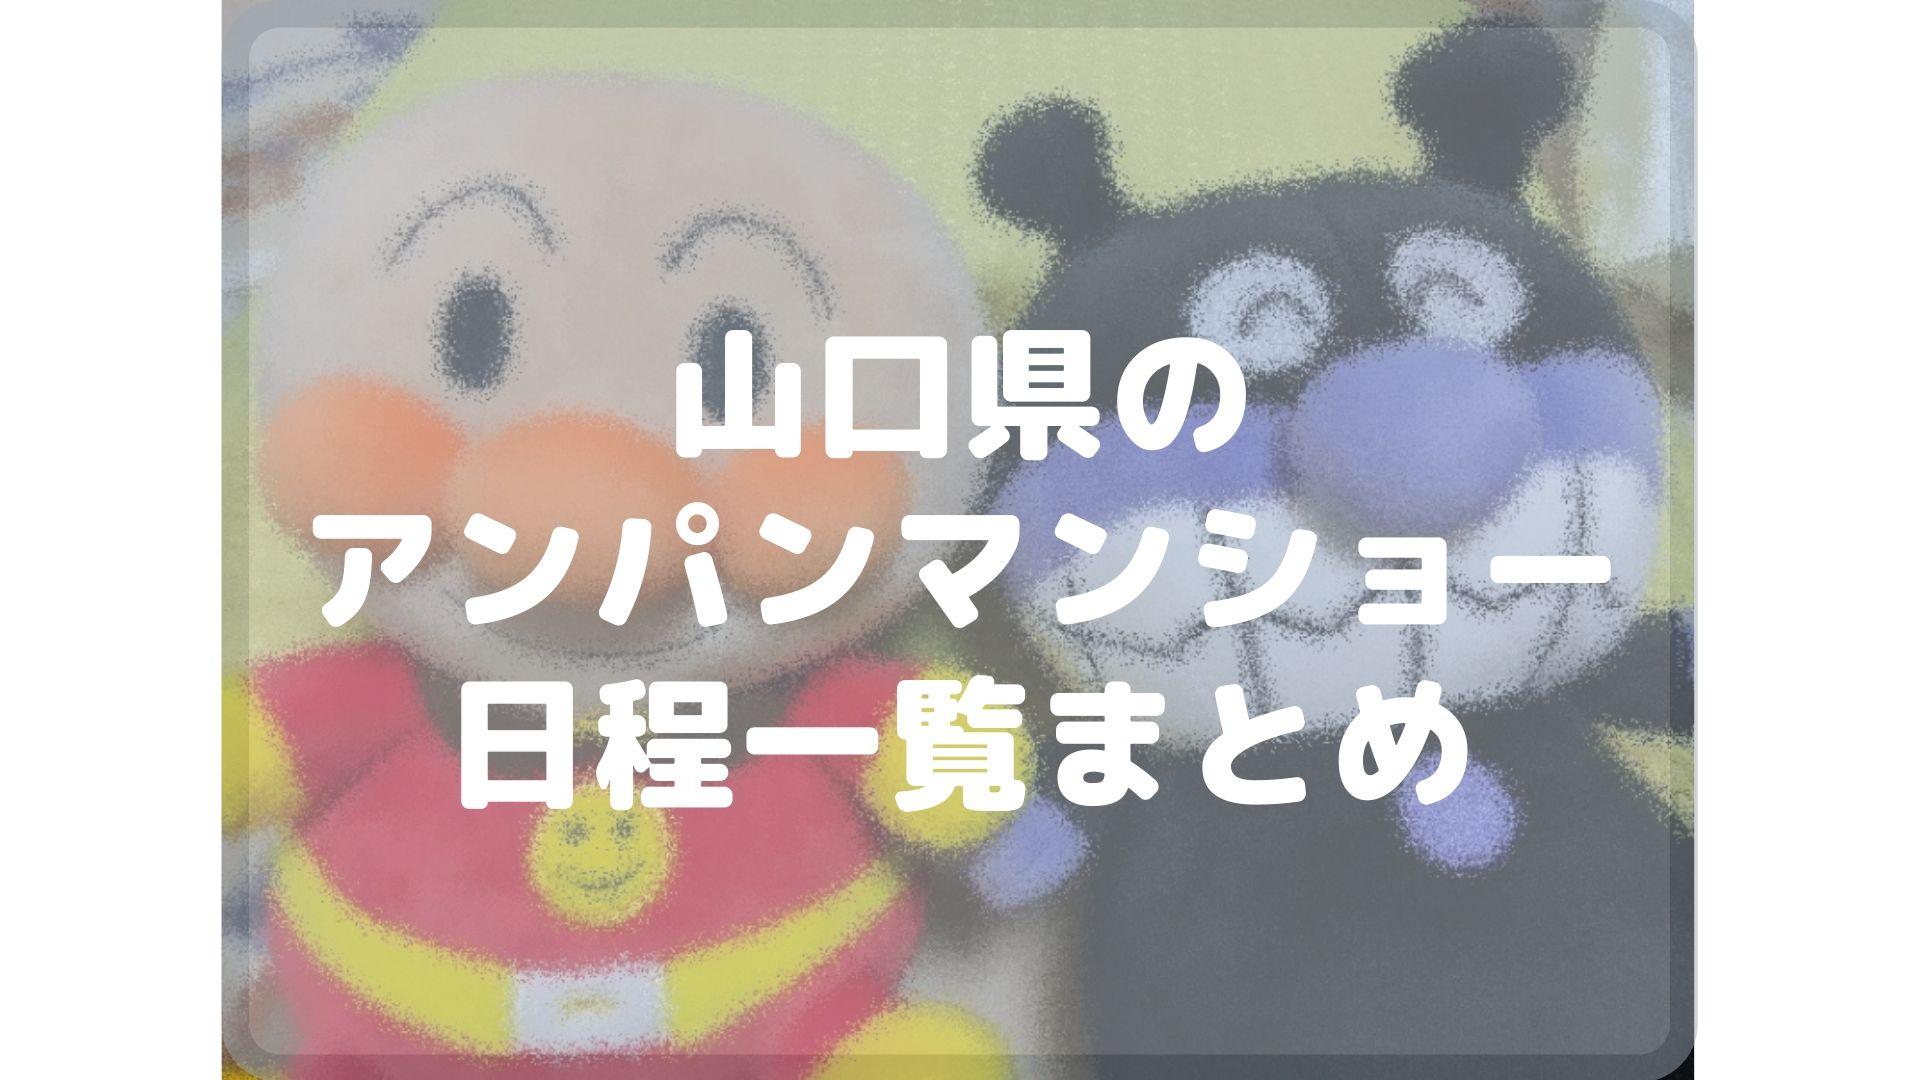 山口県のアンパンマンショーまとめタイトル画像